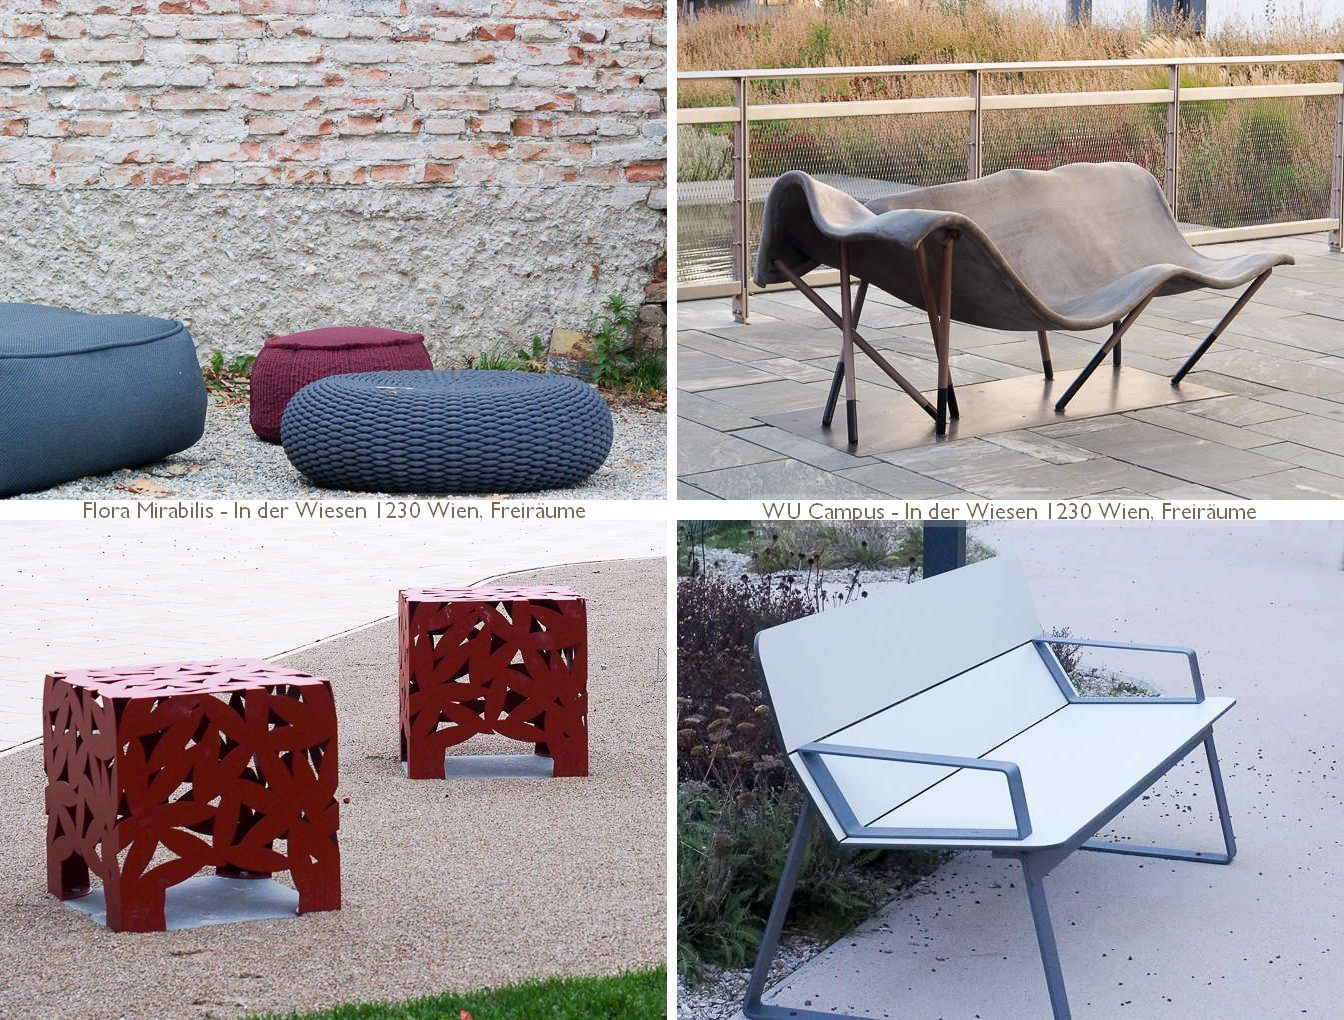 modernes zum draussen sitzen - gewebt, geflochten, gelasert, kunststoff, verbundstoff, 'concrete canvas'